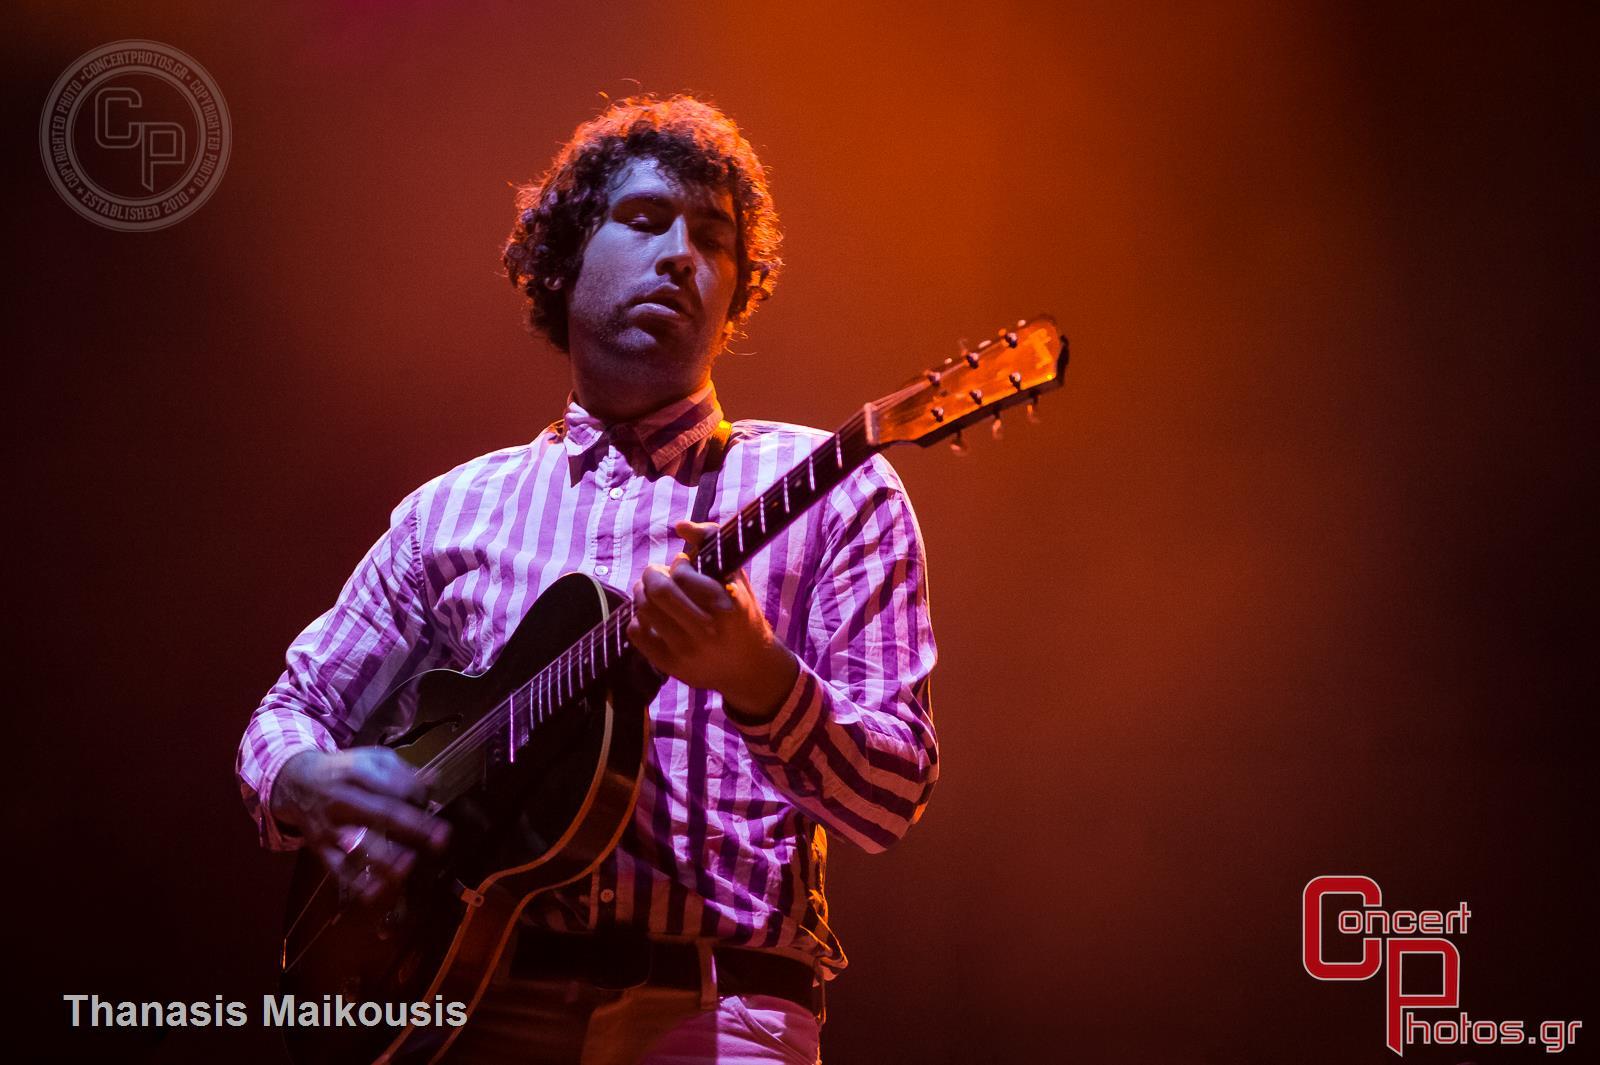 Allah Las & My Drunken Haze -Allah Las My Drunken Haze  photographer: Thanasis Maikousis - ConcertPhotos - 20141102_0027_23